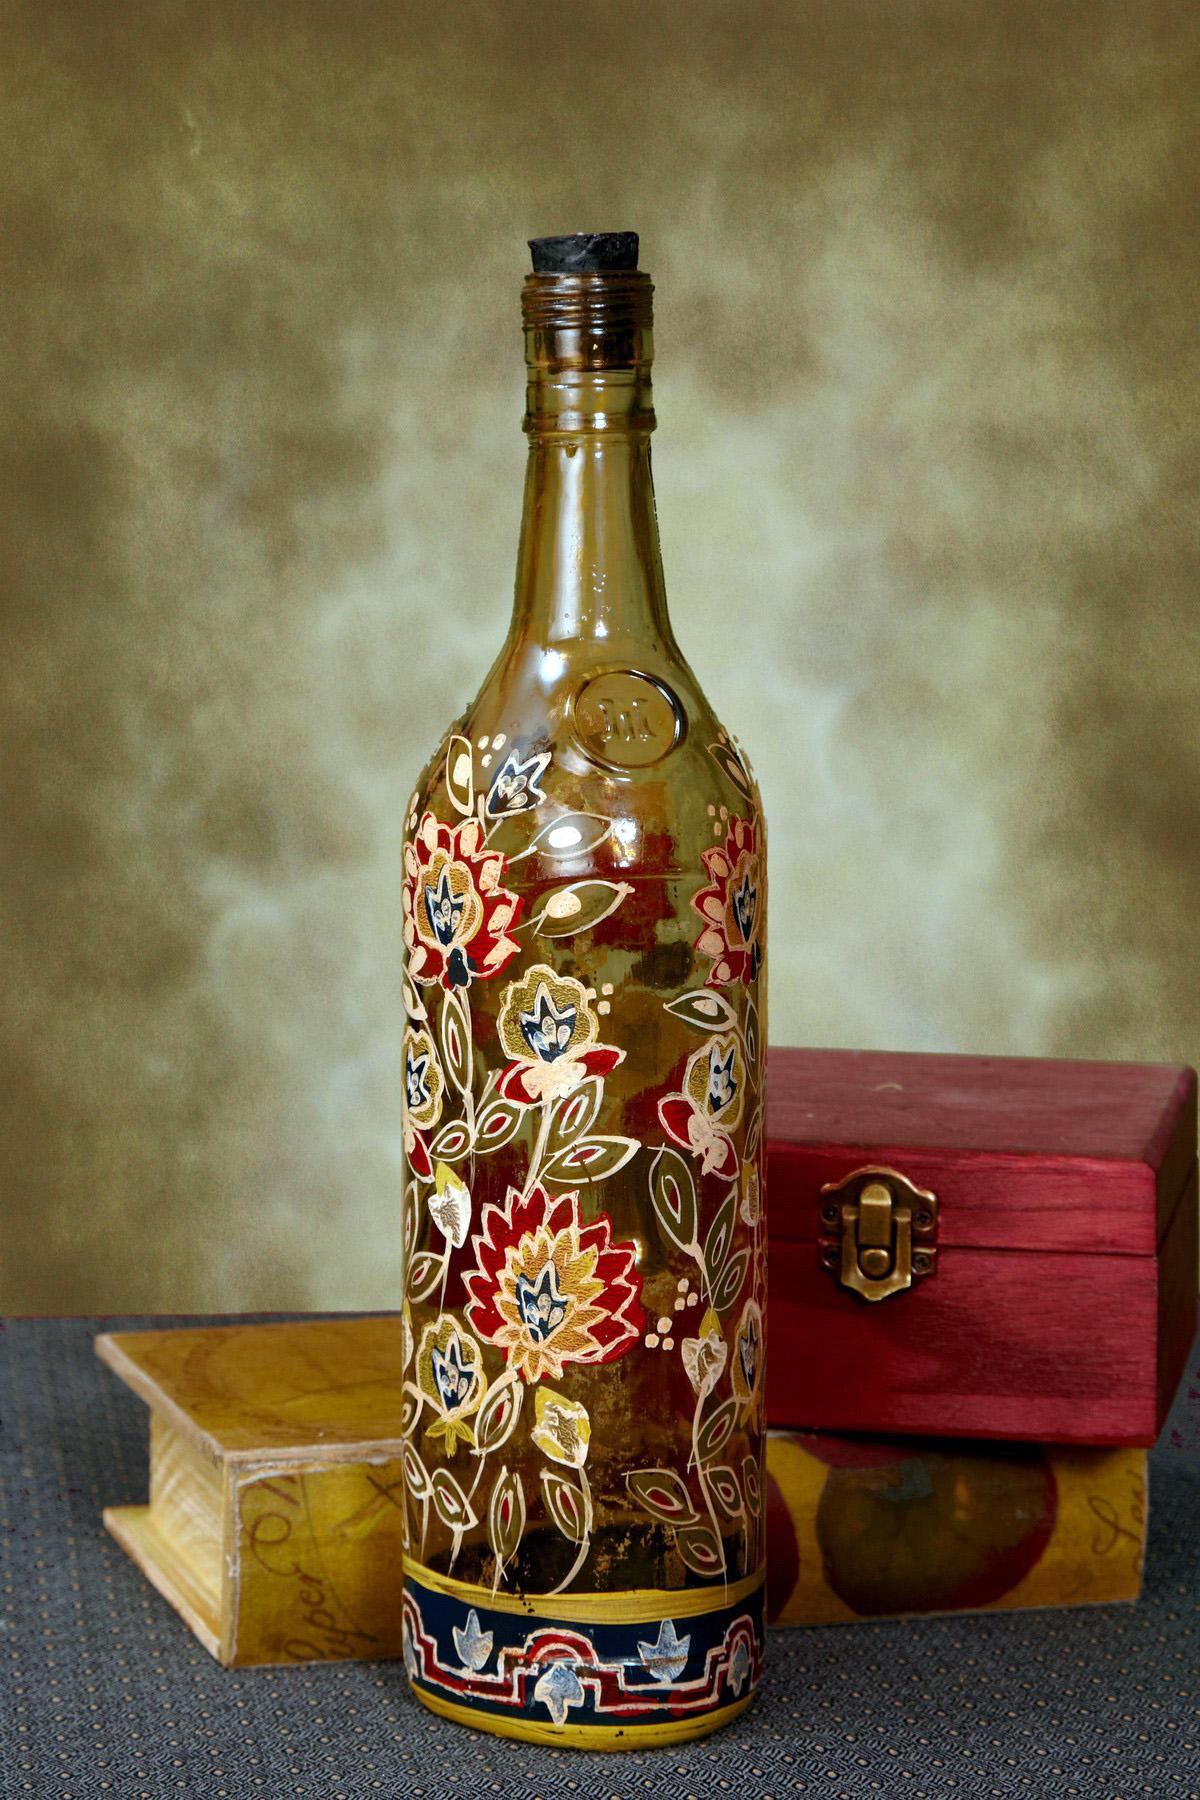 Дизайн бутылок своими руками фото интересуют гравитационные